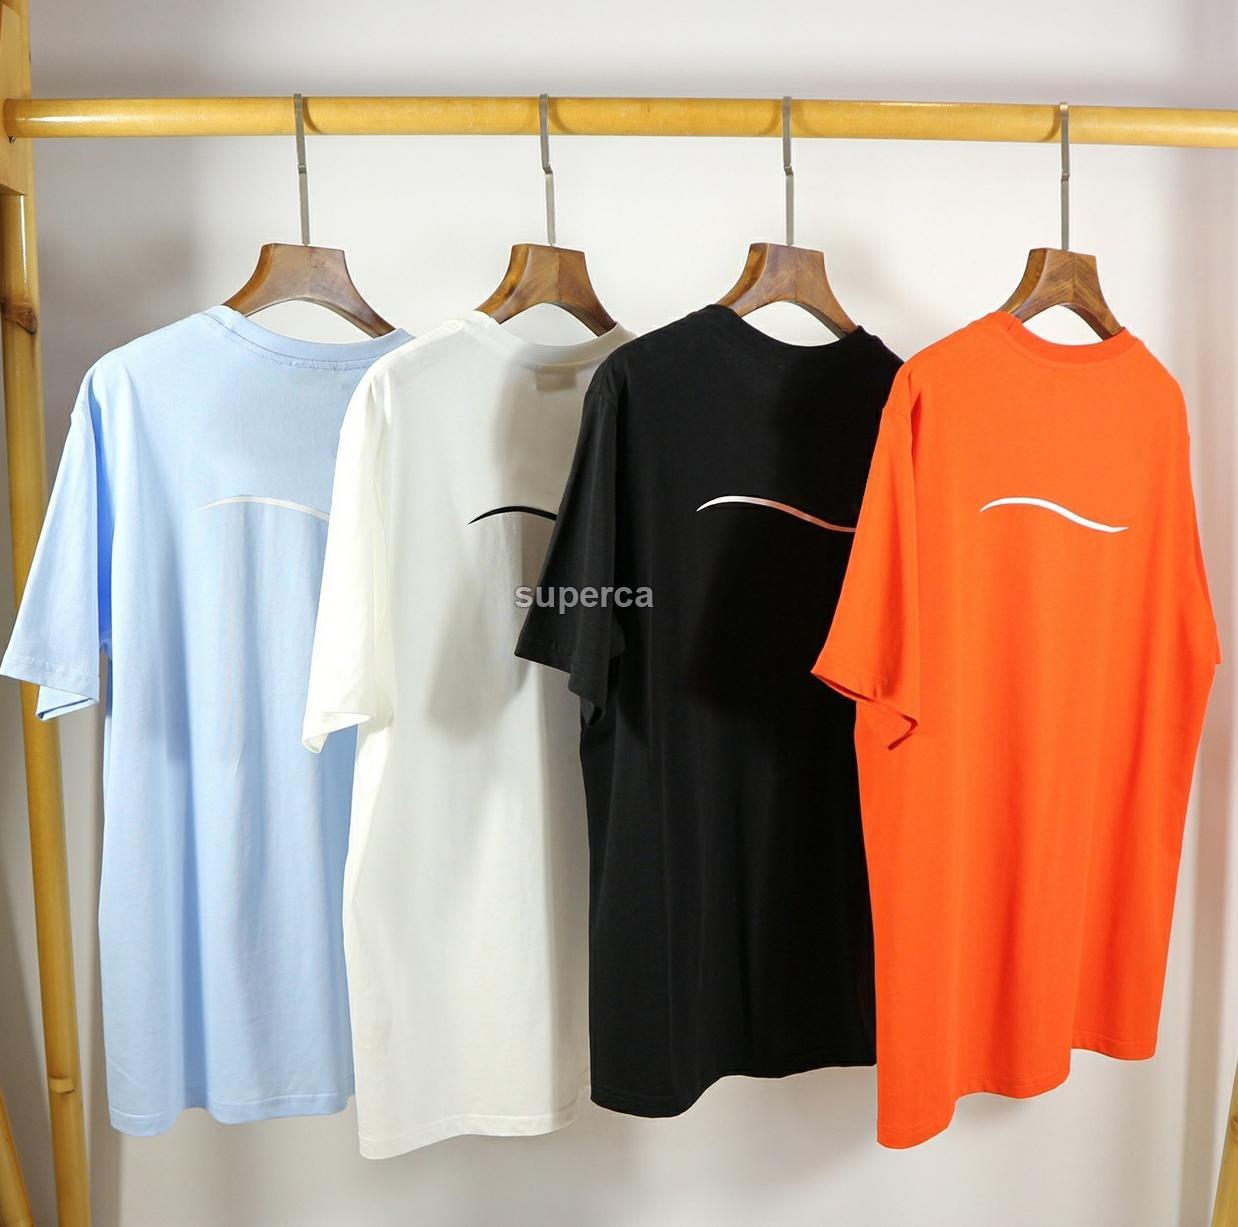 20SS 남성 톱 티 t- 셔츠 캐주얼 여성 티 t- 셔츠 크기 S-XL 편지 인쇄 새로운 여름 까마귀 파리 팬 남성 고급 T 셔츠